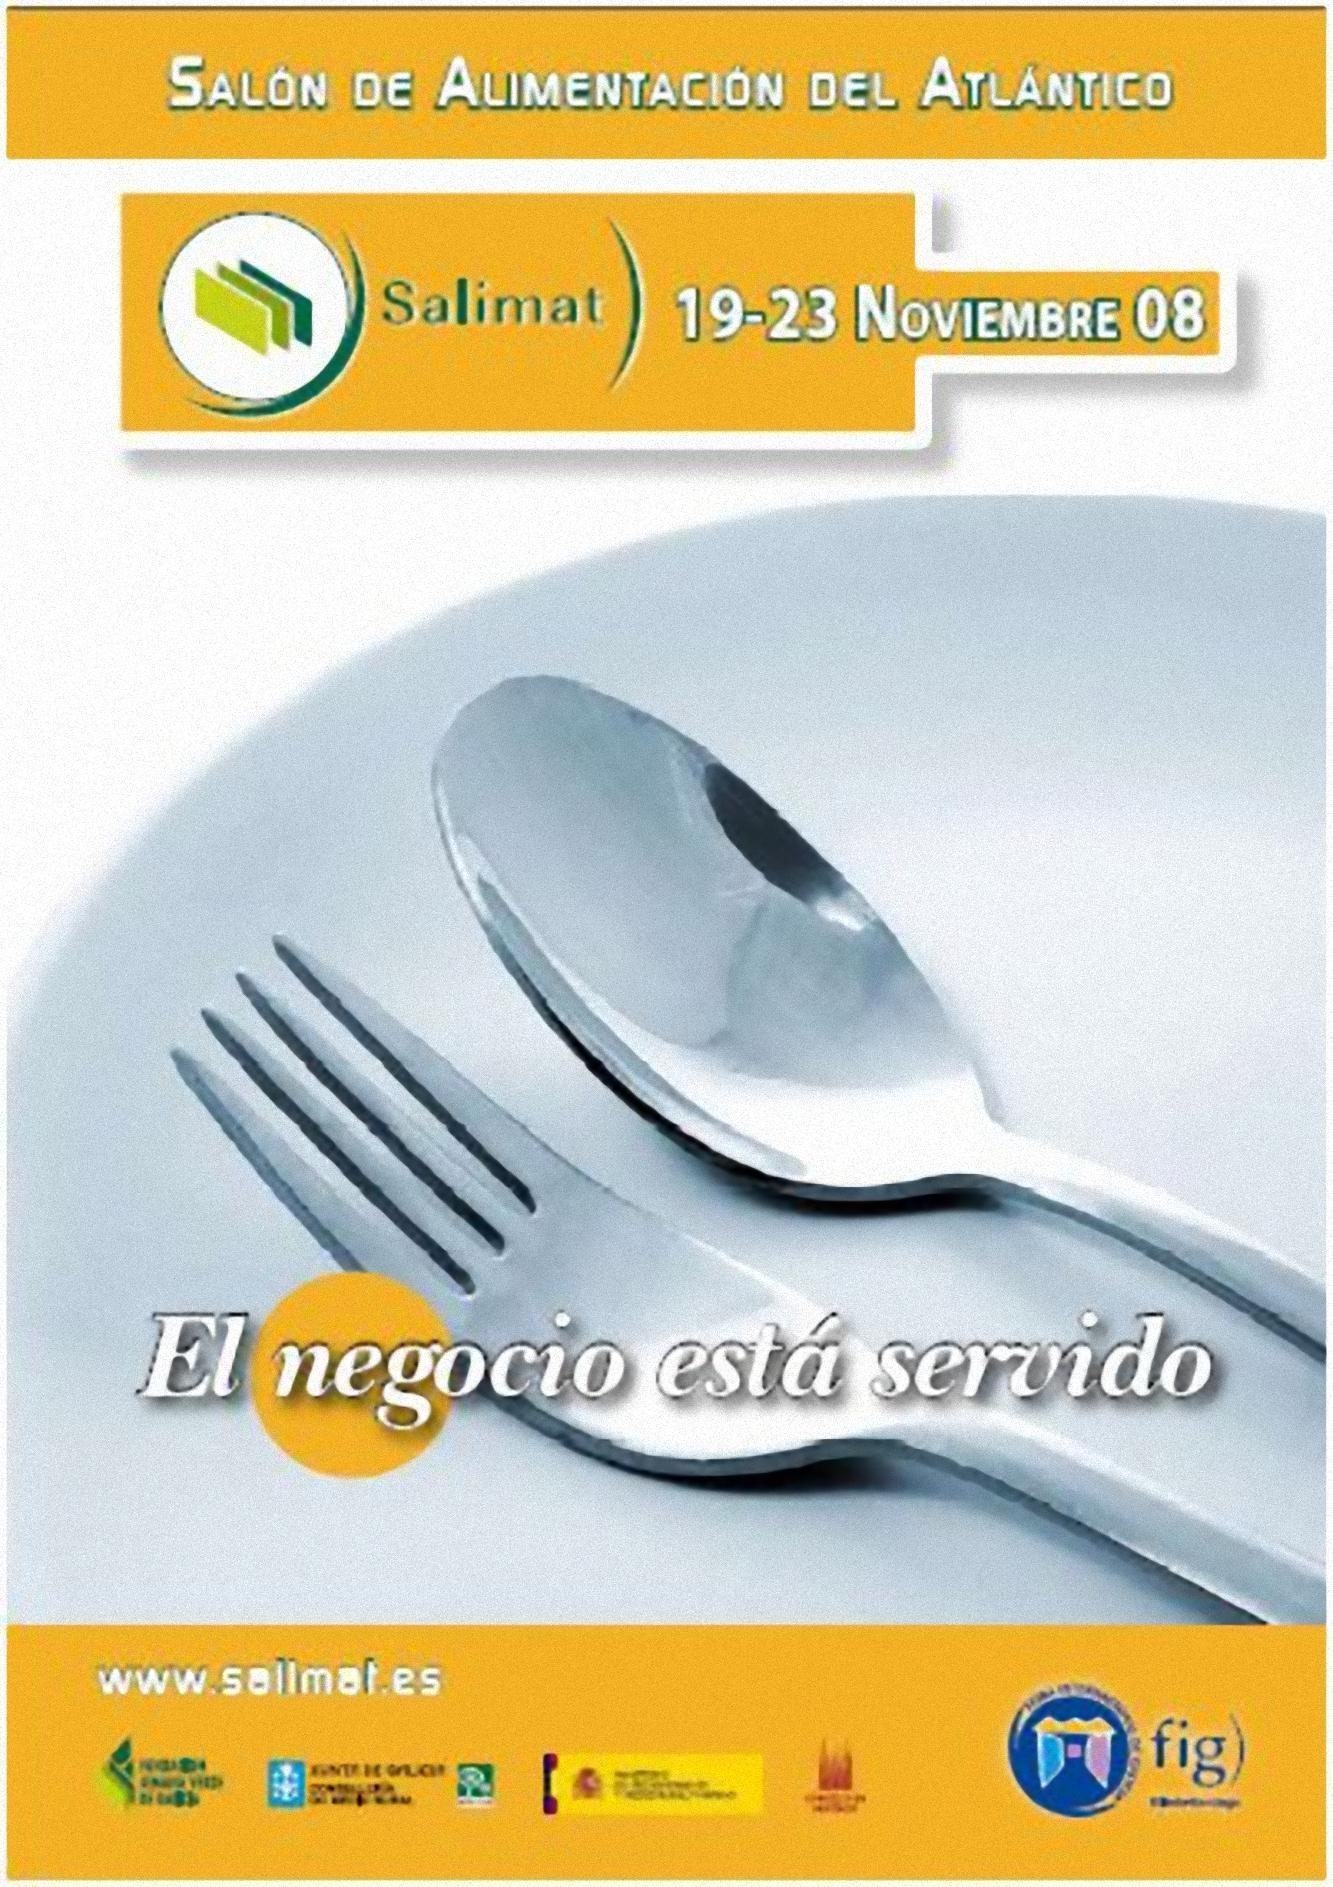 """Salón de Alimentación del Atlántico """"SALIMAT 2008"""""""